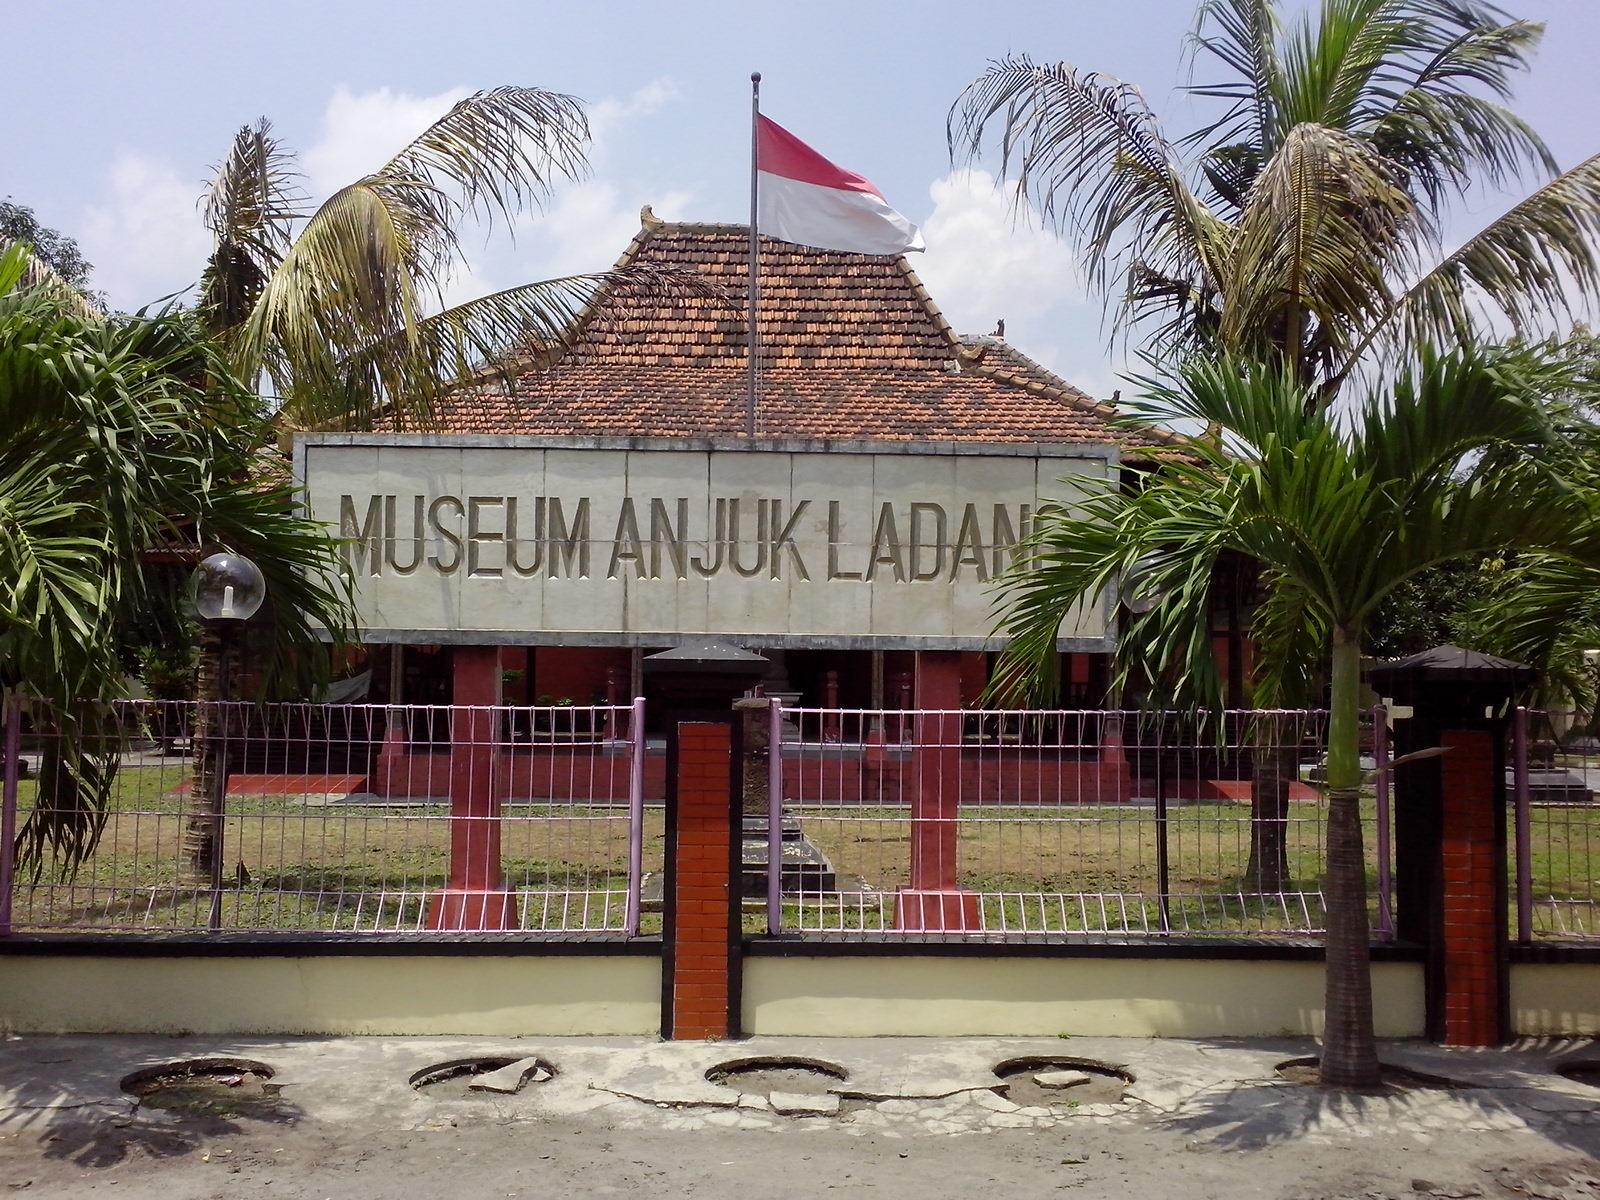 Peninggalan Bersejarah Nganjuk Online Museum Img 20140226 122346 Anjuk Ladang